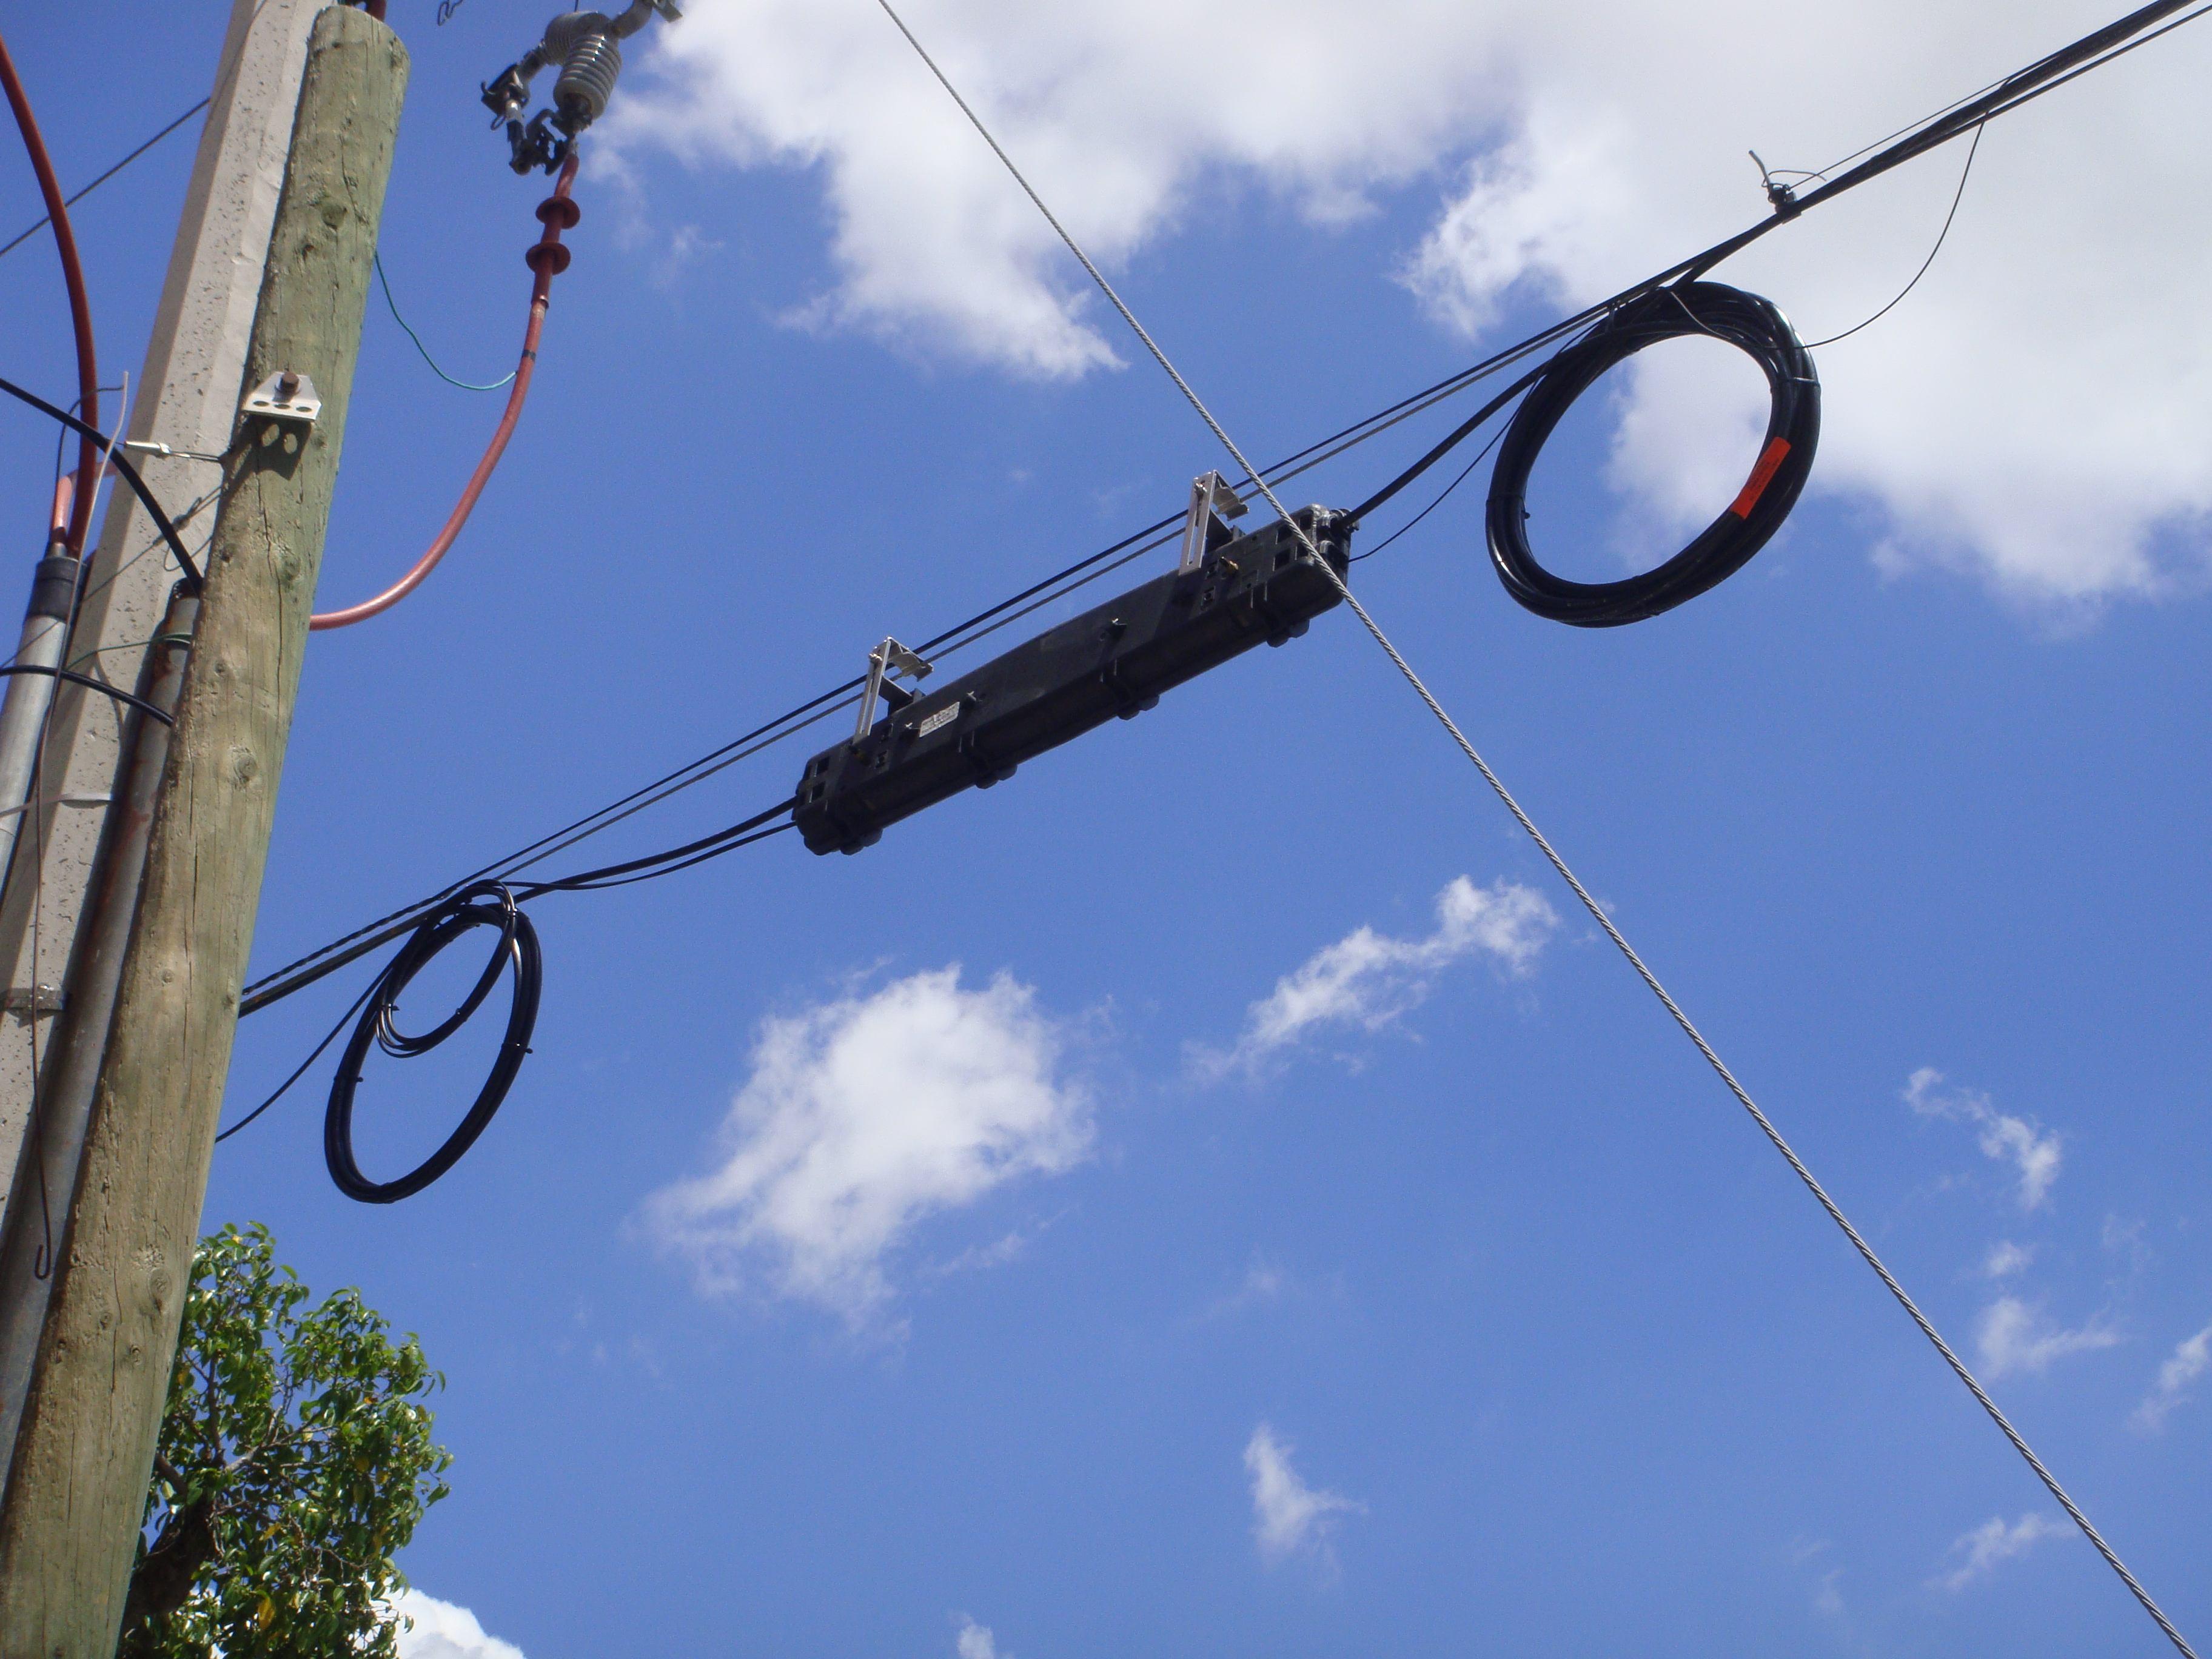 La empresa Cablevisión-Fibertel informó que el servicio de televisión por cable y de internet está cortado por el robo y daño que sufriera el tendido de fibra óptica, en un tramo cerca de la localidad de Villa General Savio.